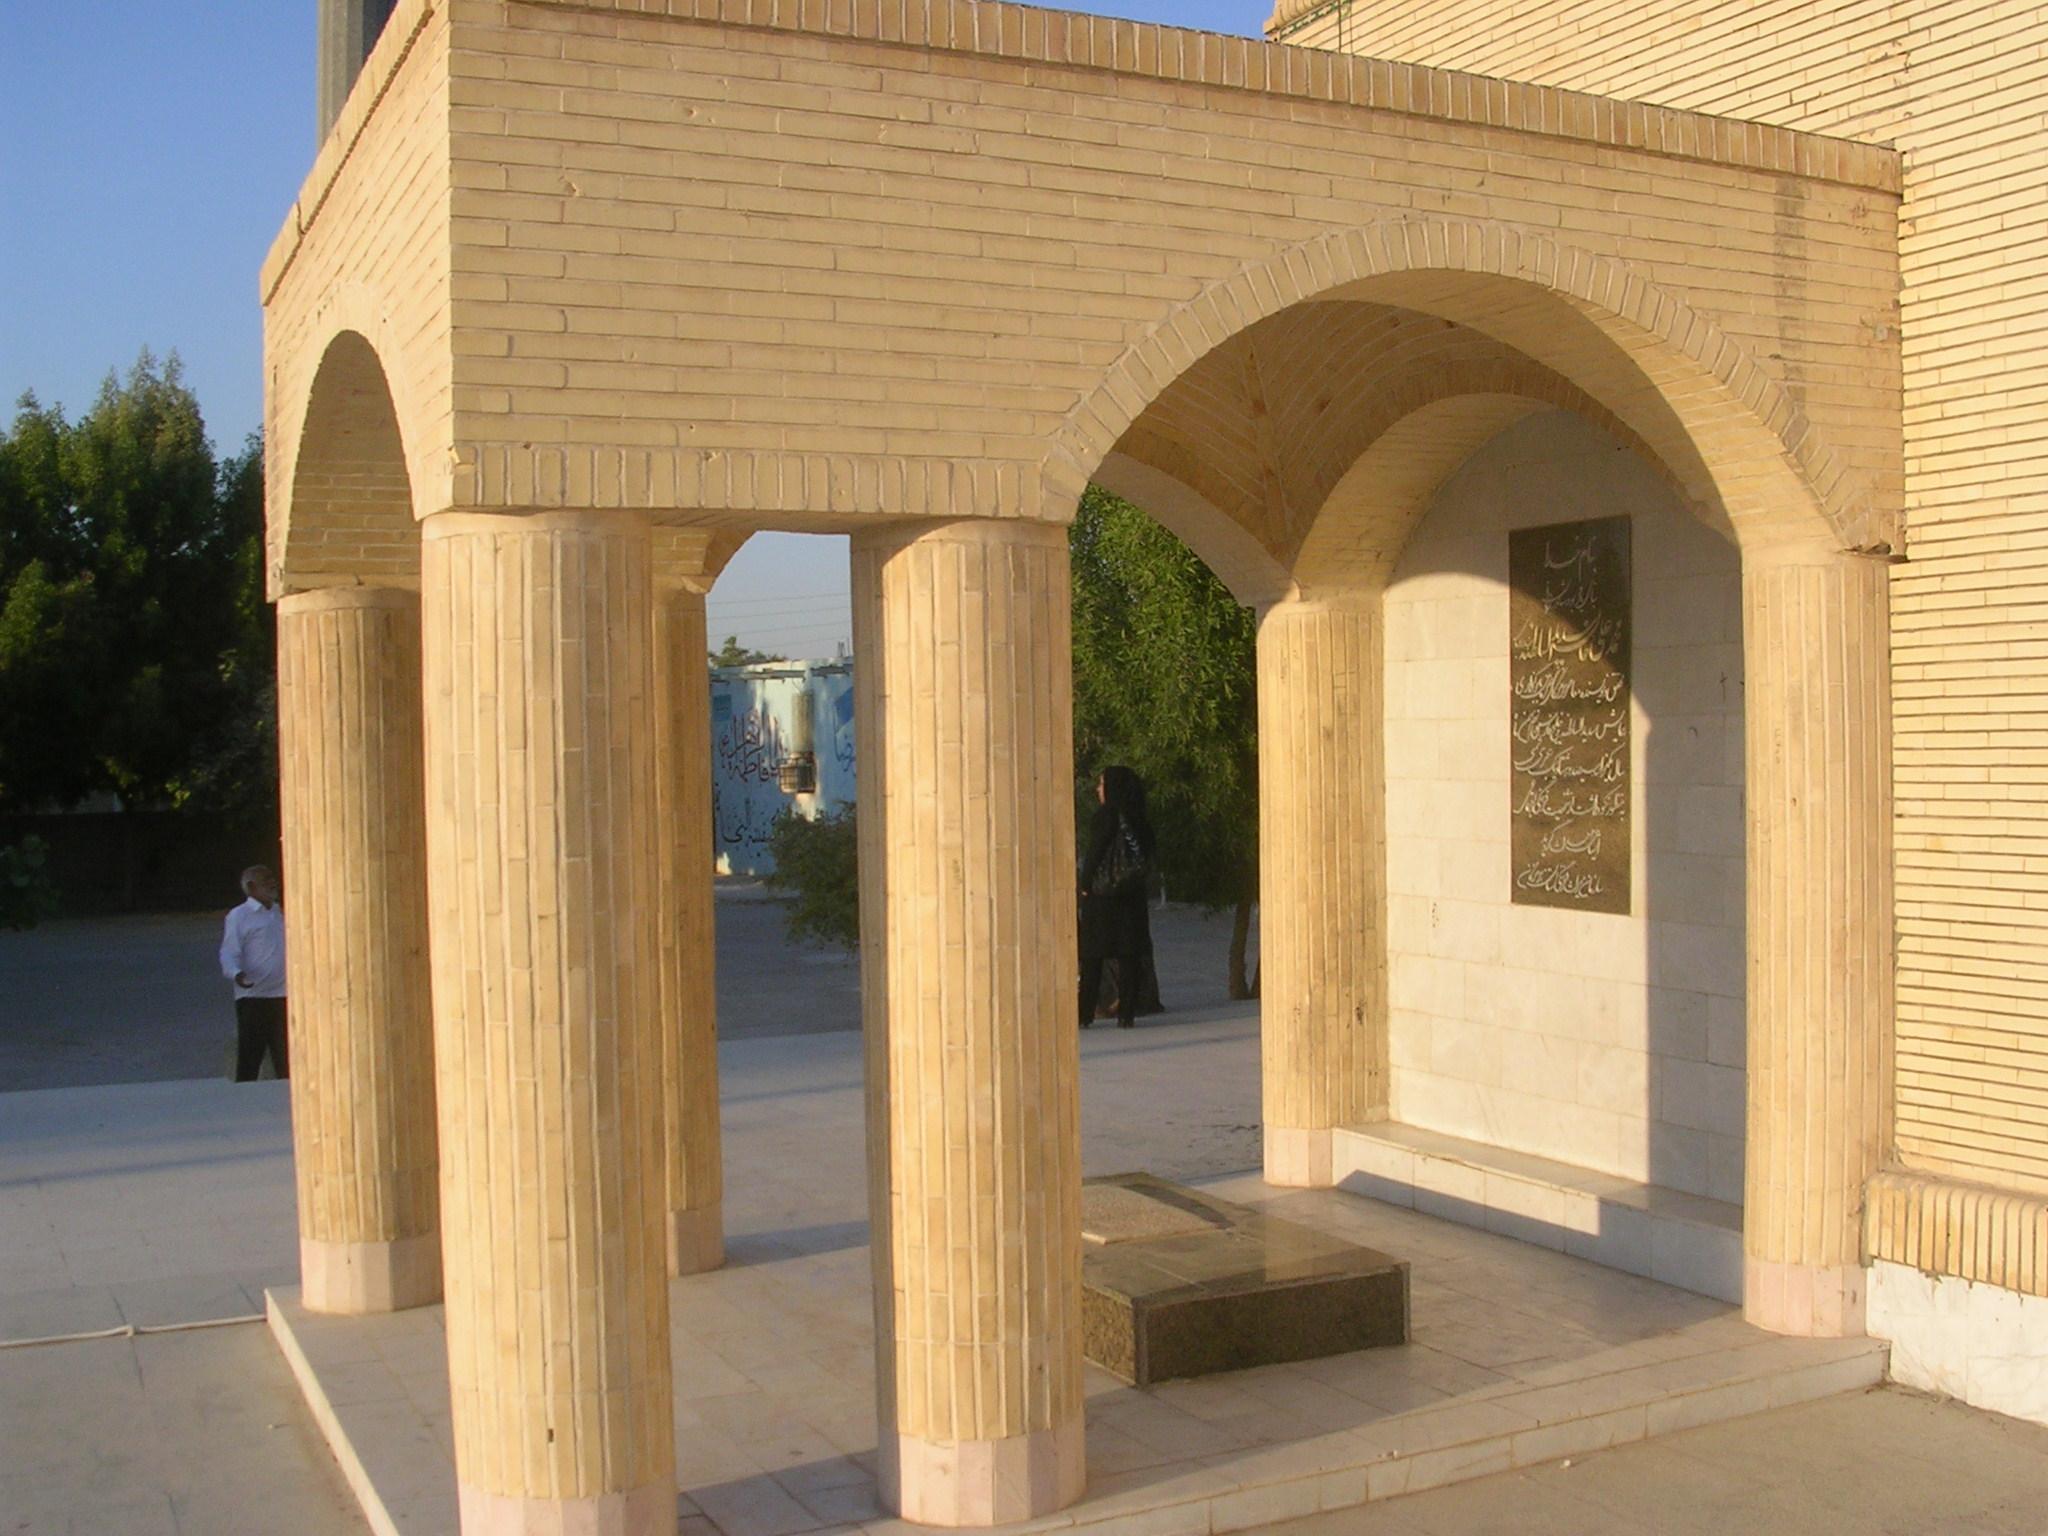 آرامگاه سدید السلطنه درحیاط غربی سیدکامل